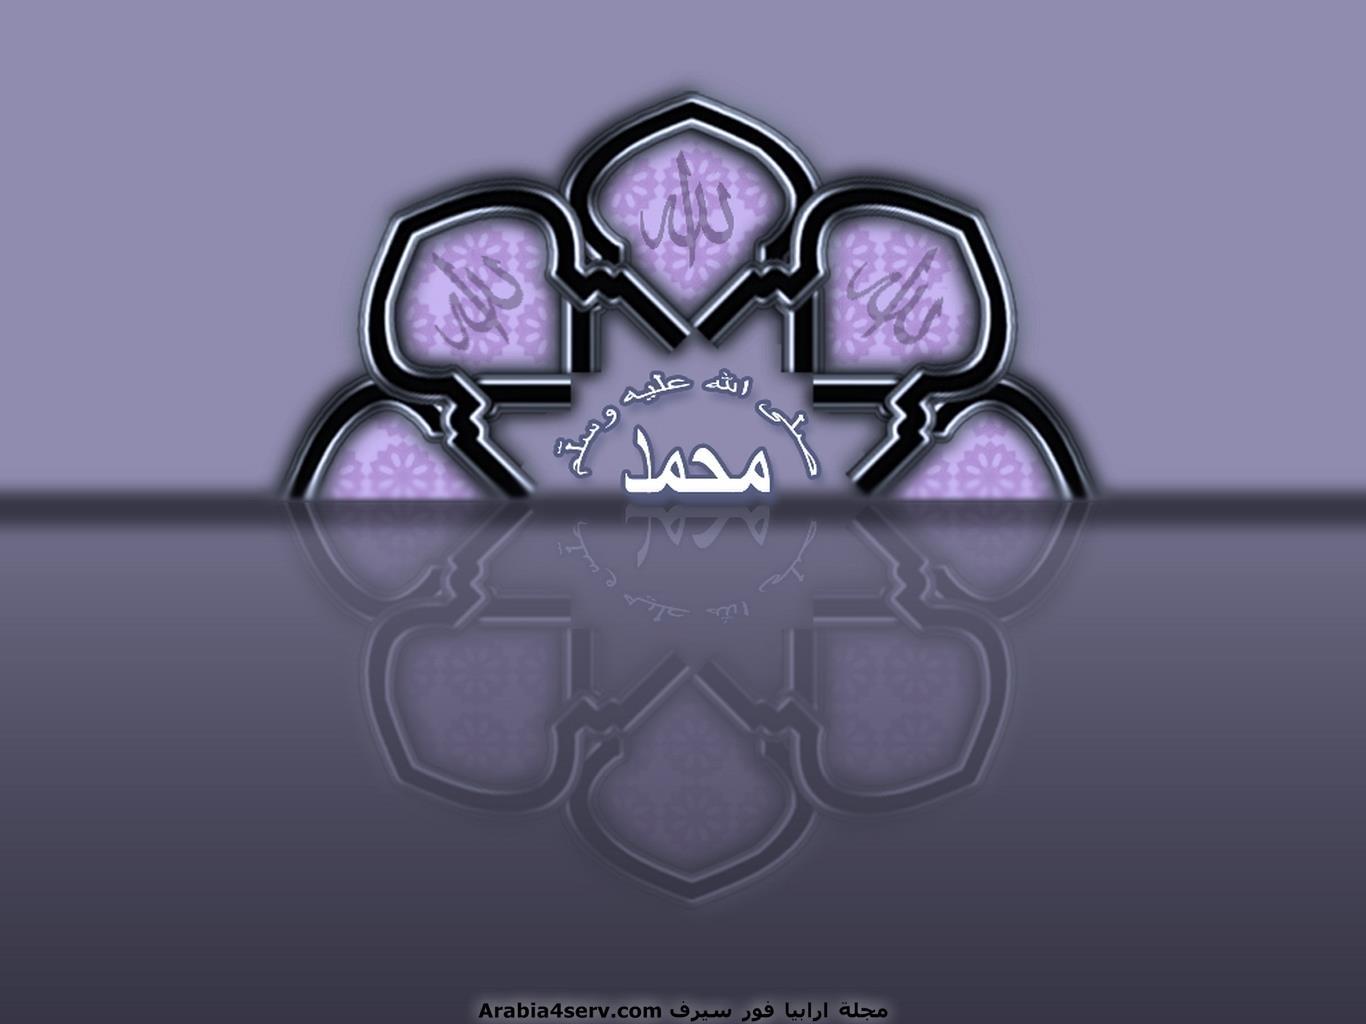 خلفيات-محمد-رسول-الله-16